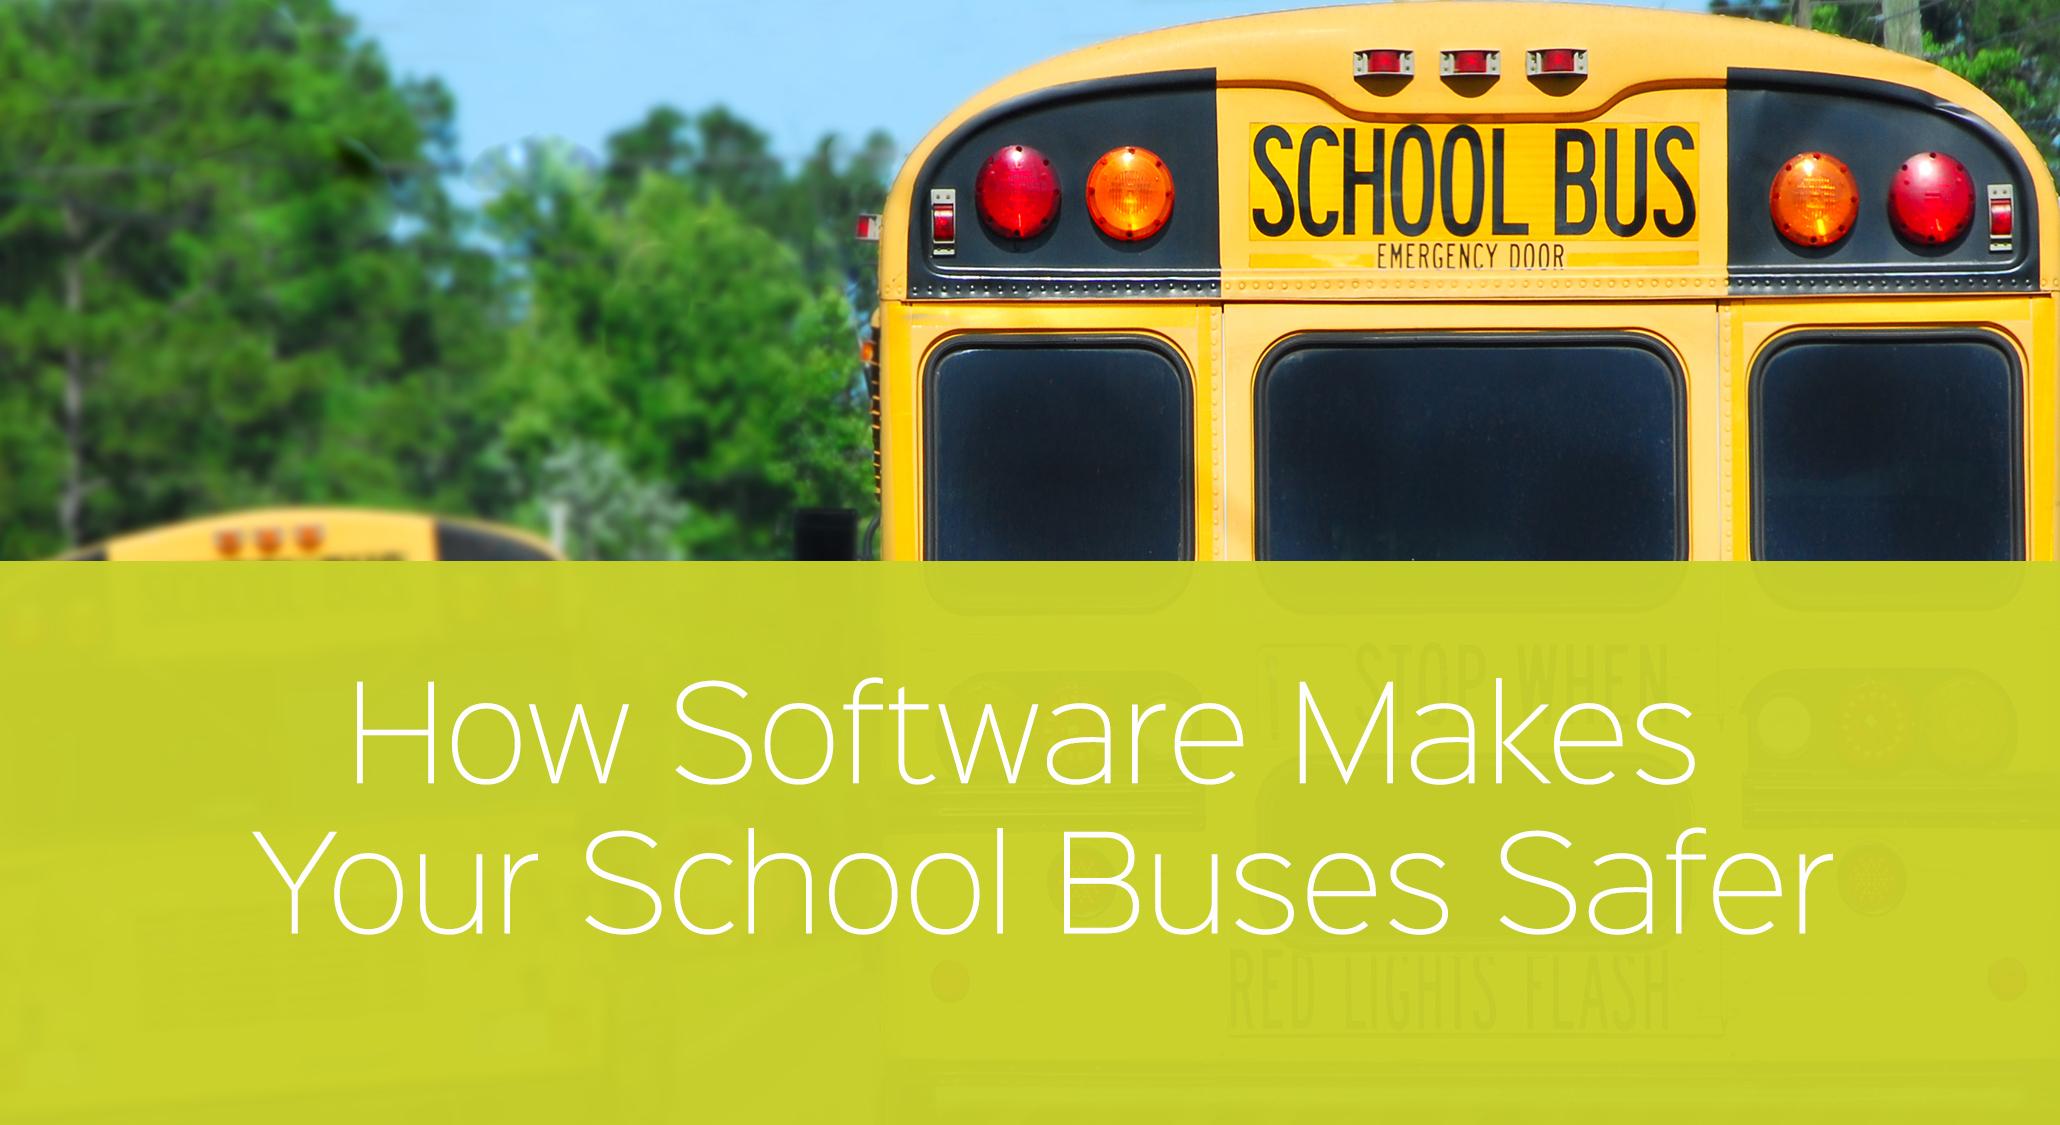 How K-12 Transportation Software Makes Your Buses Safer